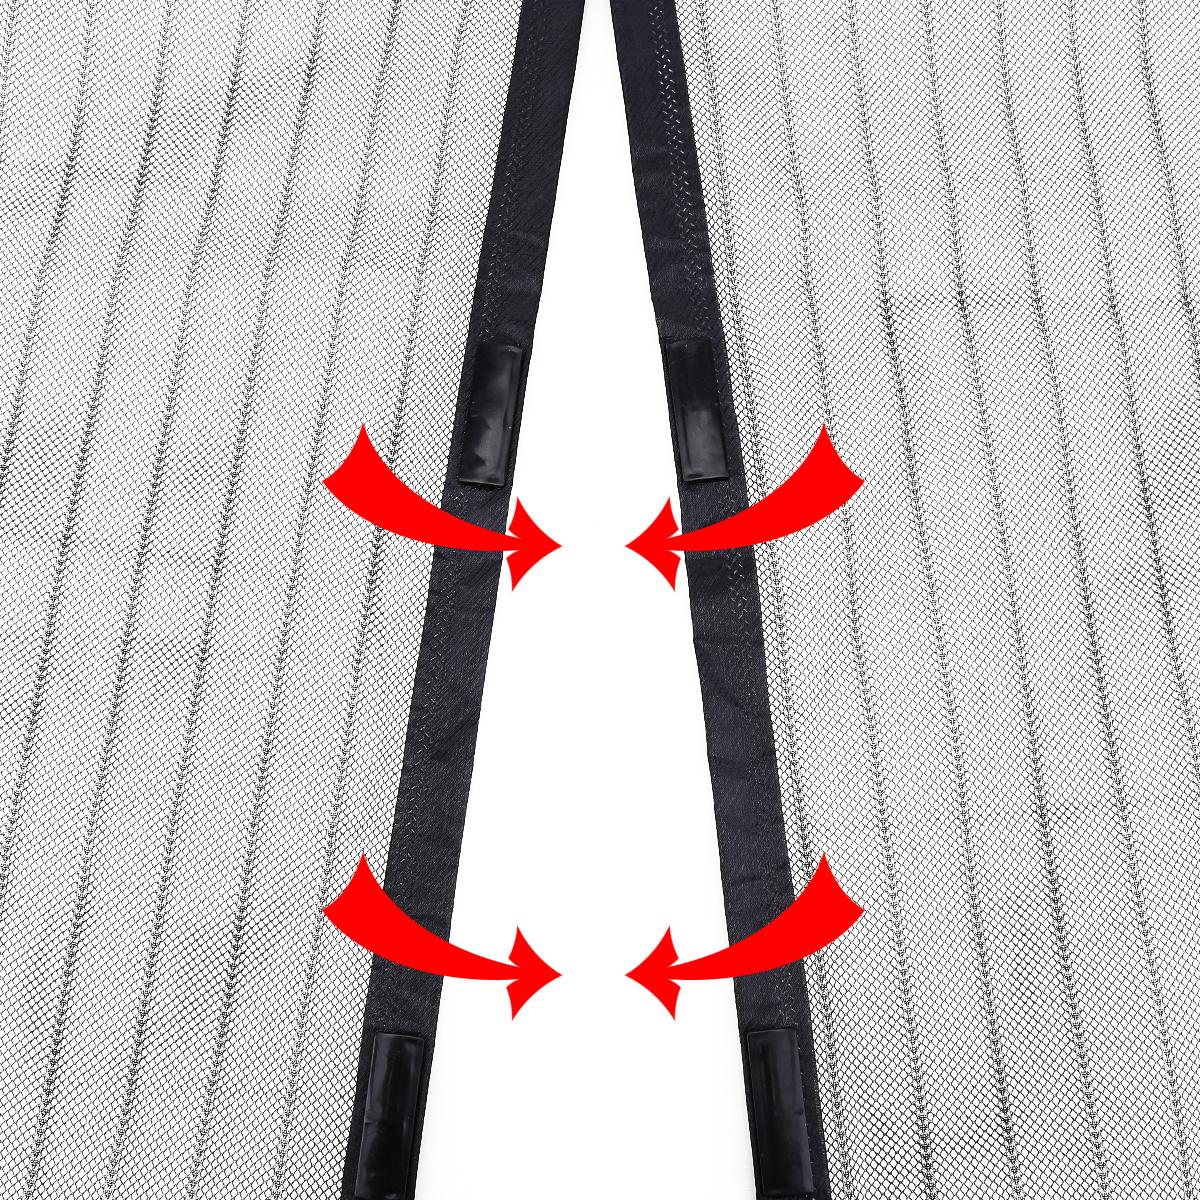 Cortina mosquitera velcro magn tica 100x220cm color negro for Mosquitera magnetica puerta